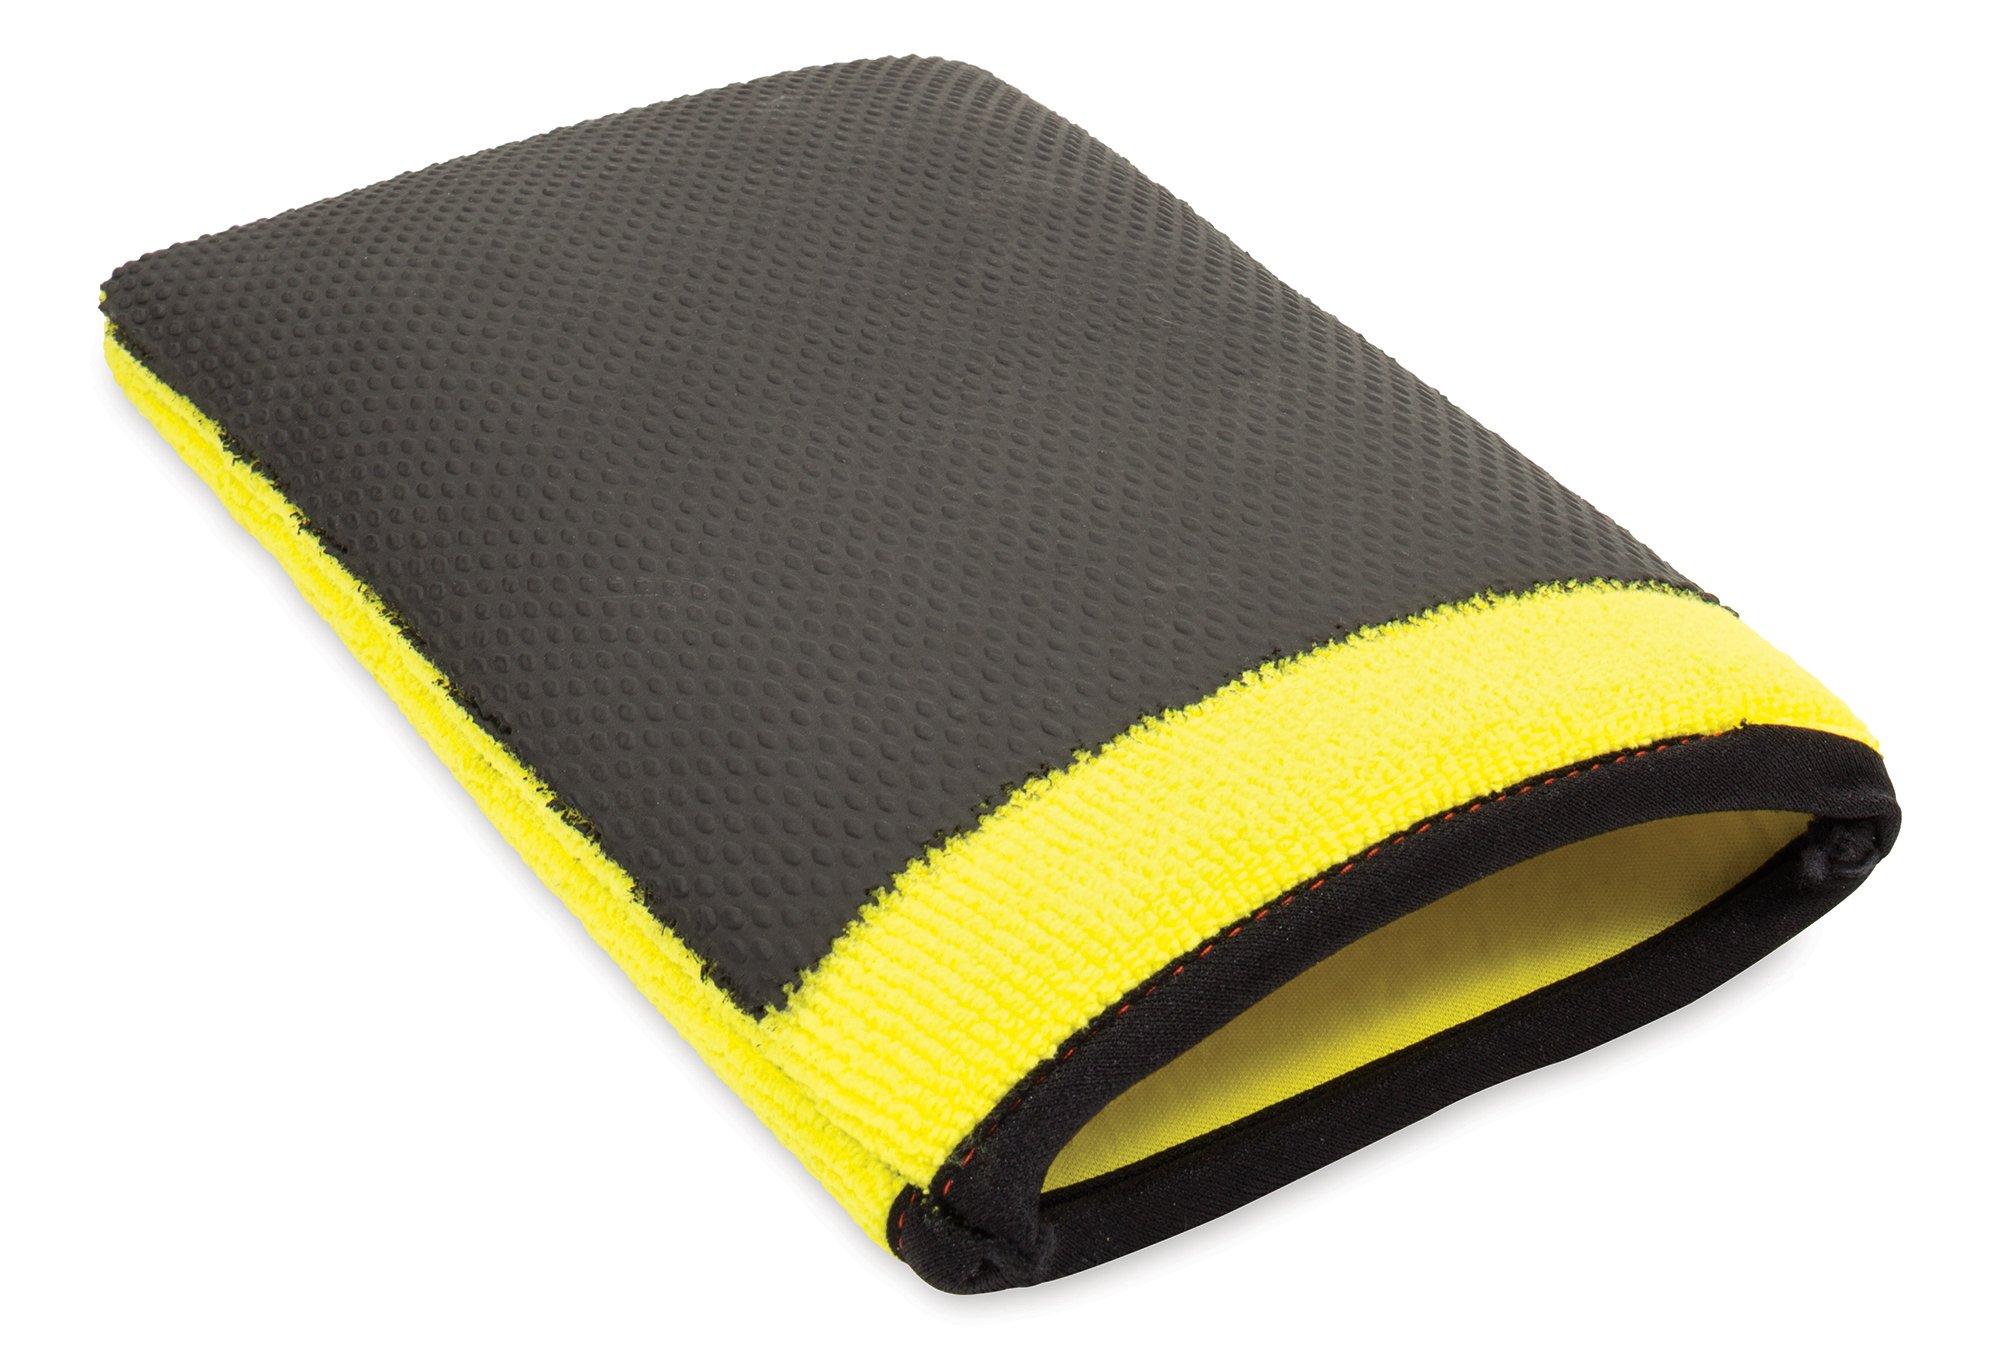 Griot's Garage 10678 Yellow Fine Surface Prep Mitt